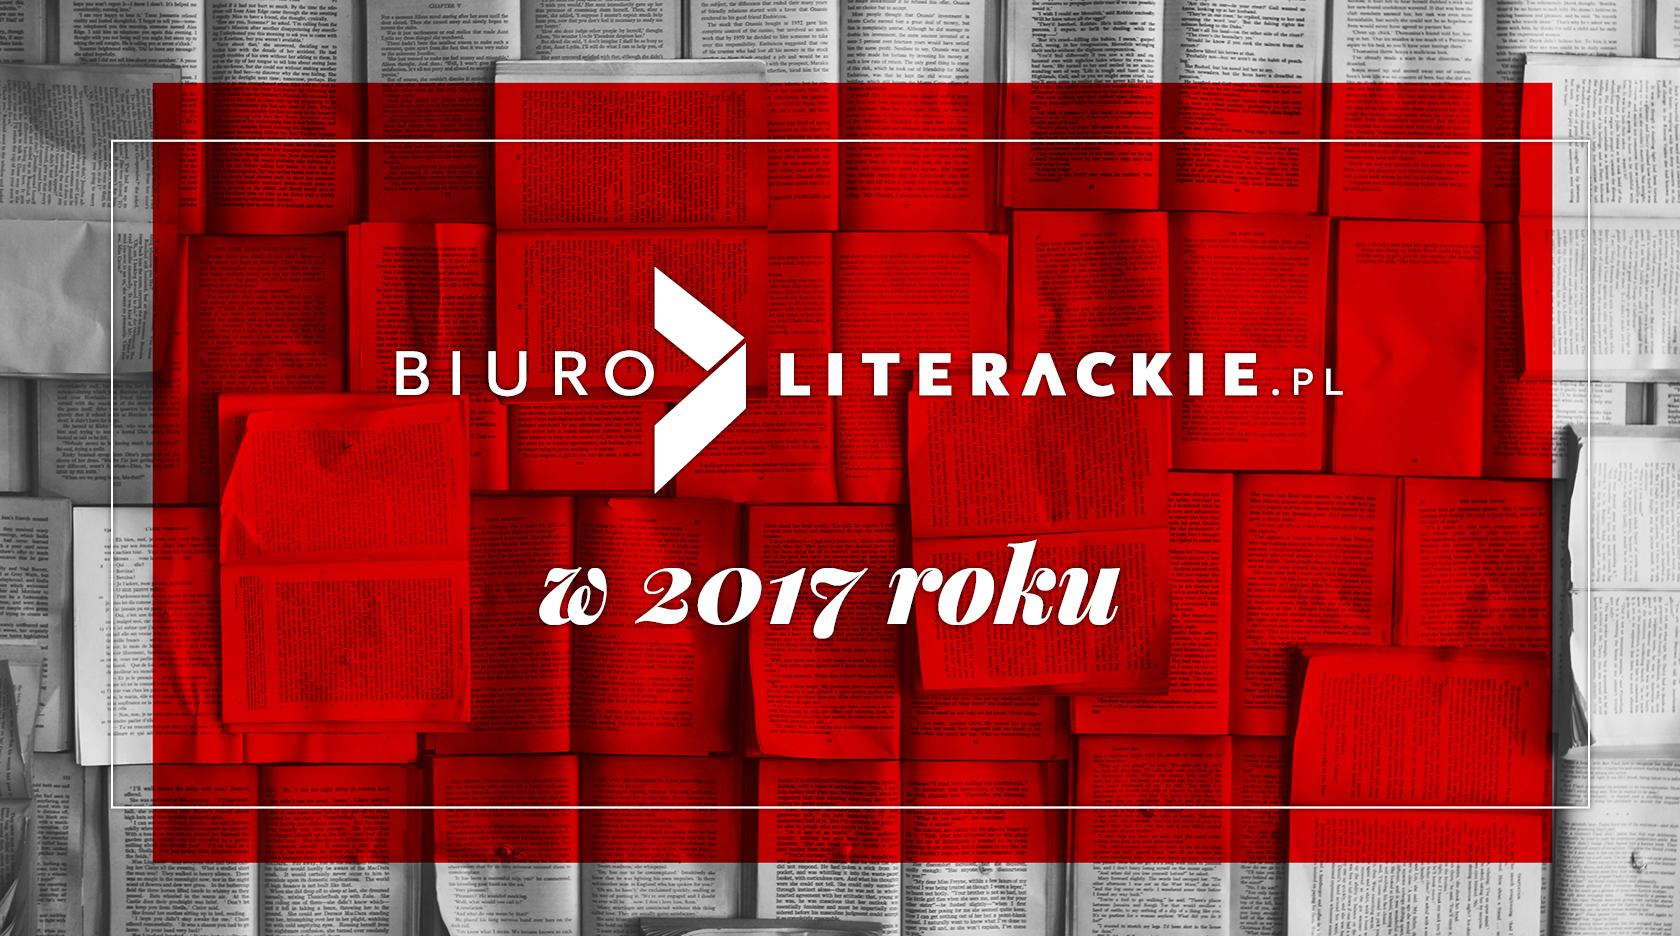 BL Img 2017.01.03 Biuro Literackie w 2017 roku_www_top